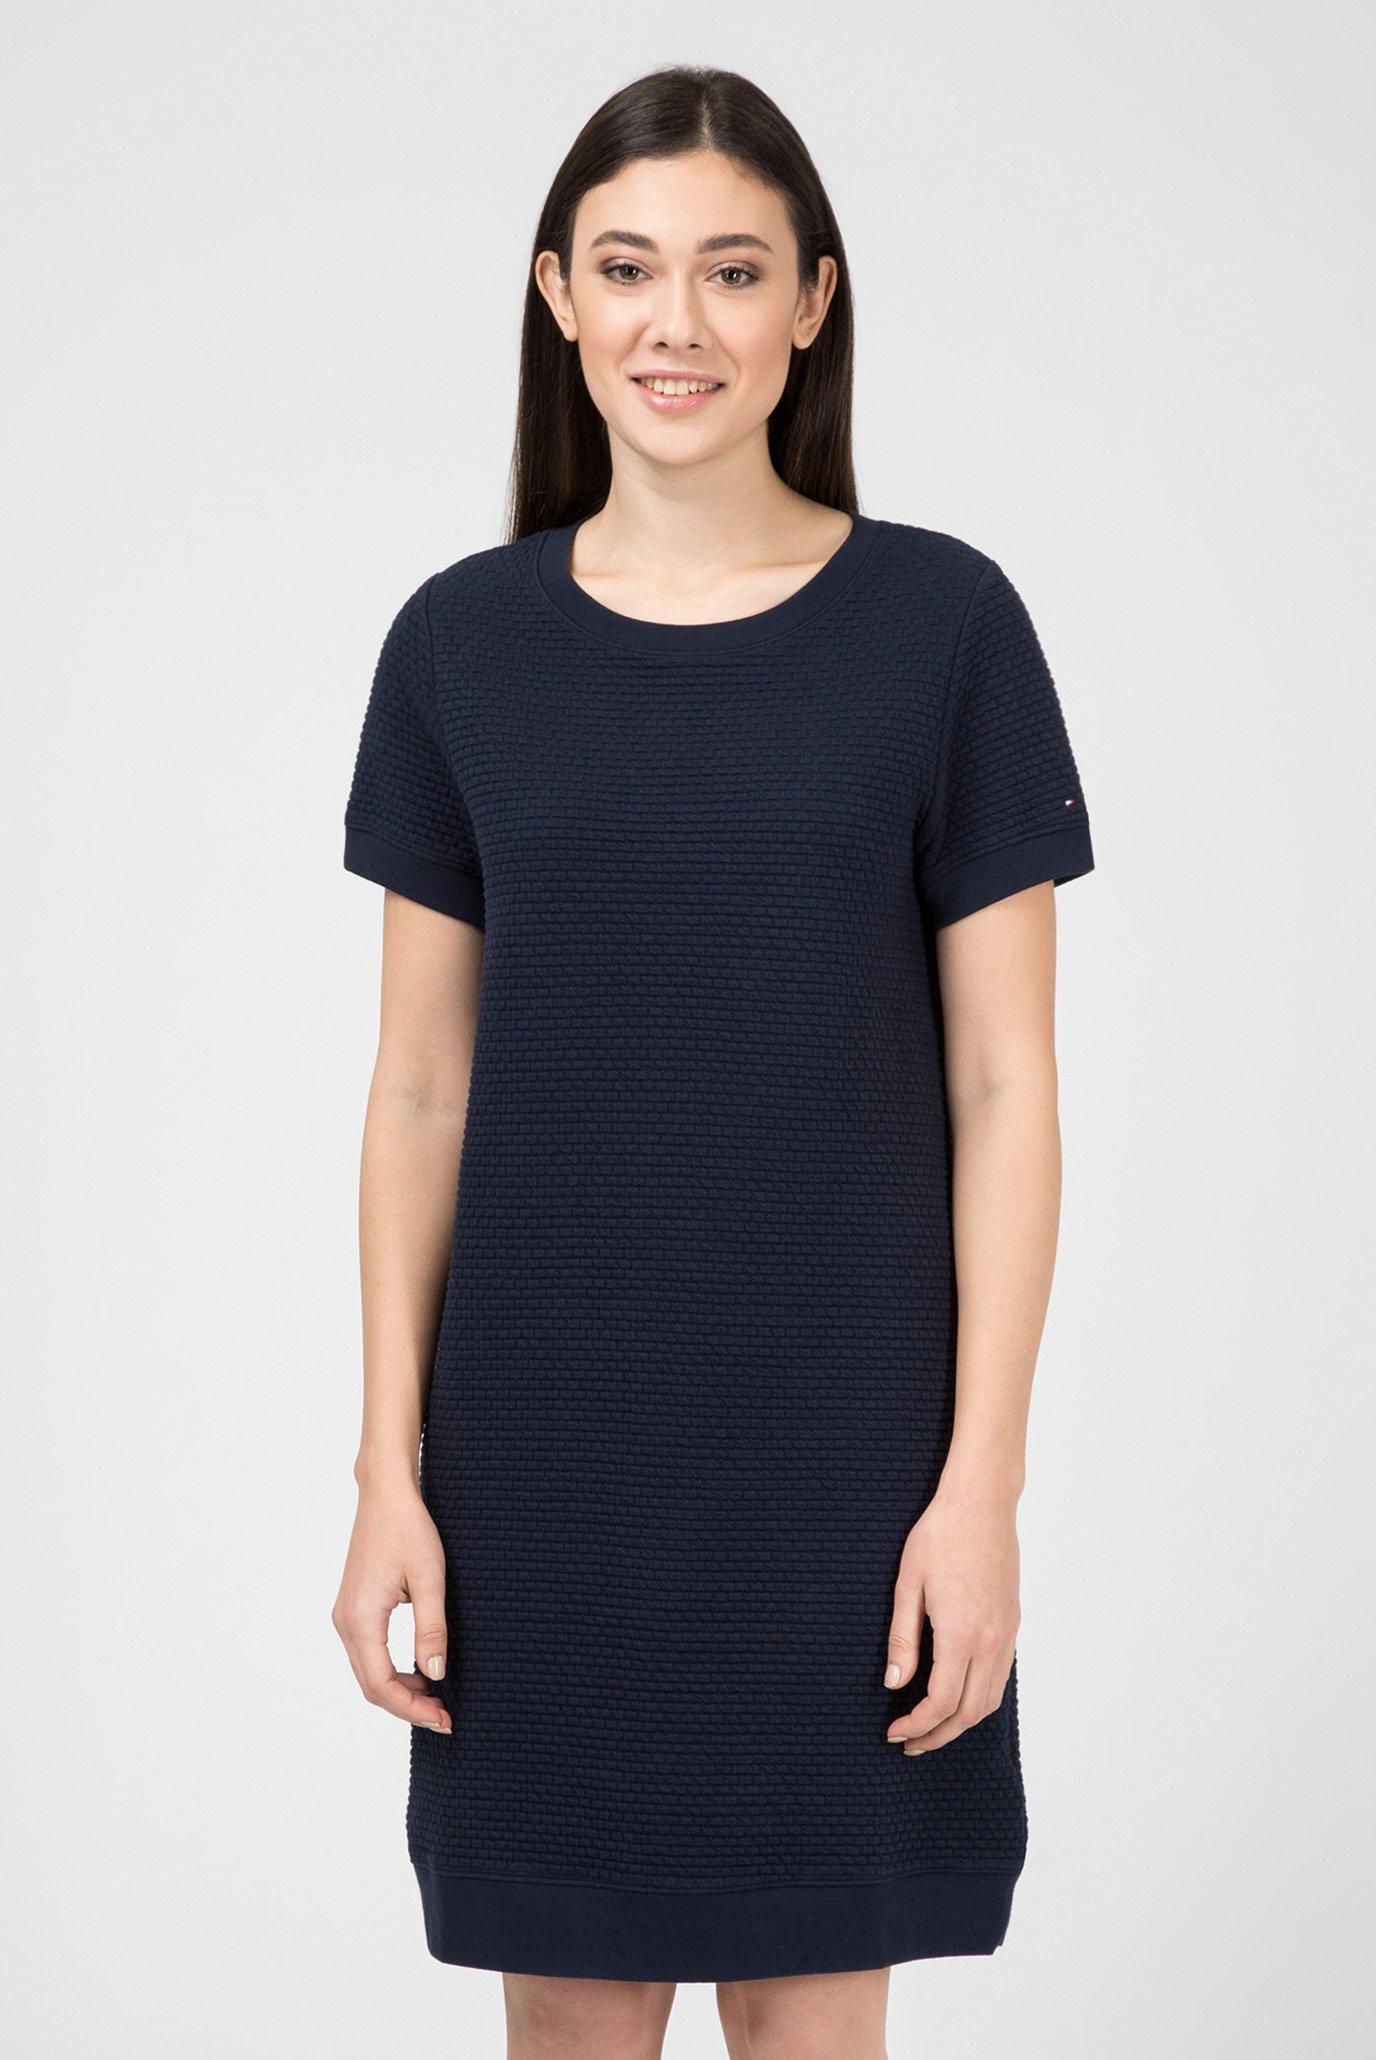 Купить Женское темно-синее платье EVY TEXTURES Tommy Hilfiger Tommy Hilfiger WW0WW22553 – Киев, Украина. Цены в интернет магазине MD Fashion